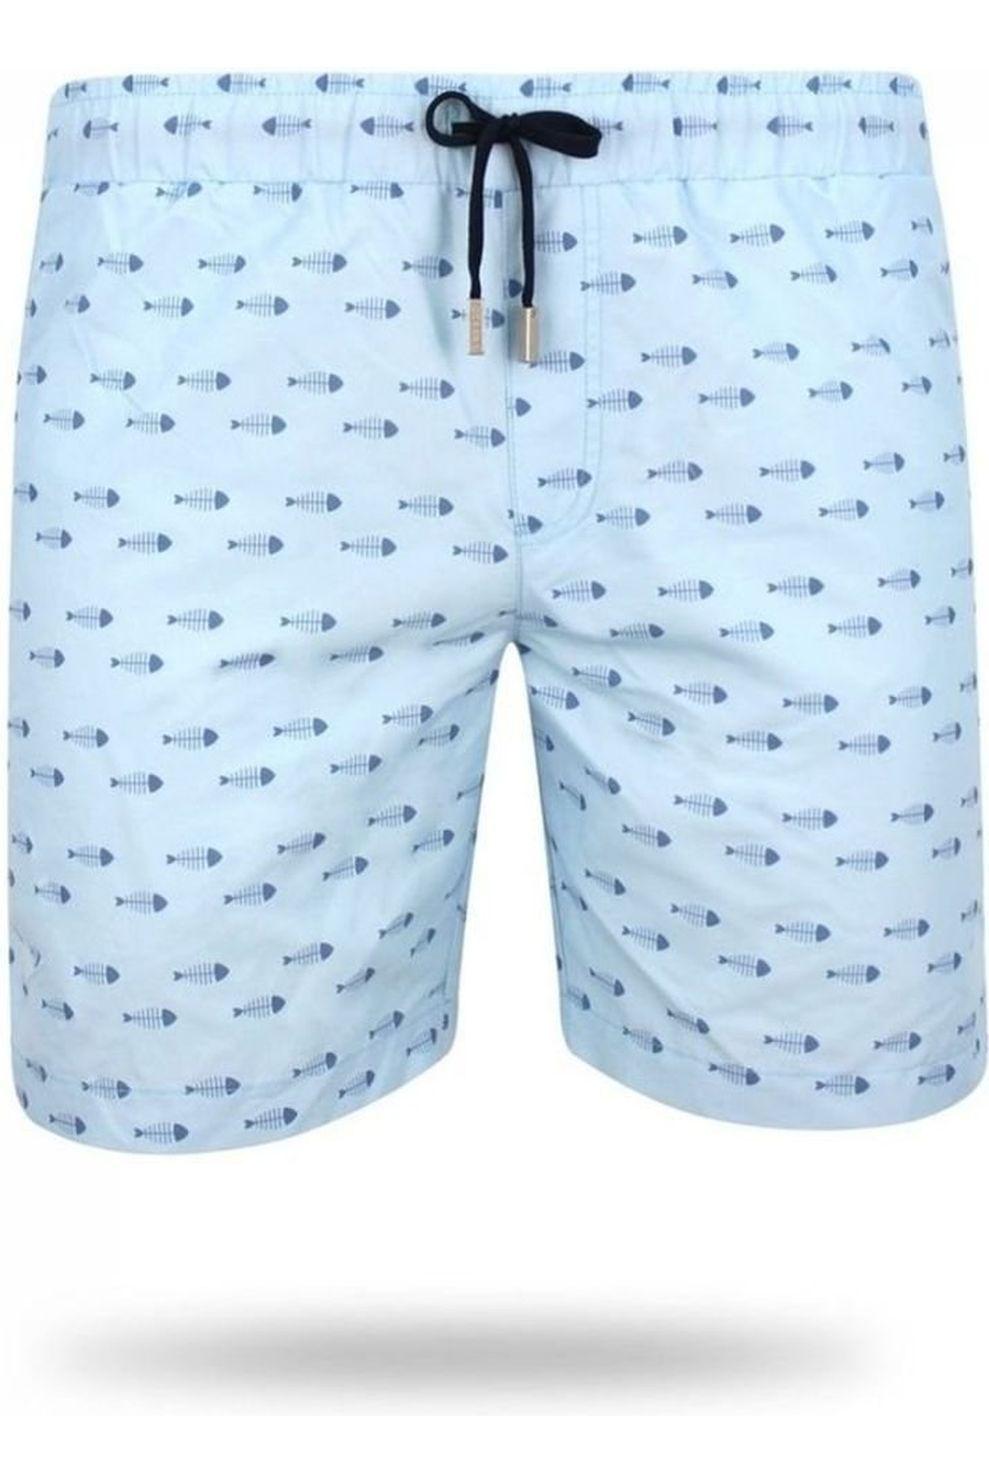 Oceans Zwemshort Azure voor heren - Blauw - Maten: L, XL